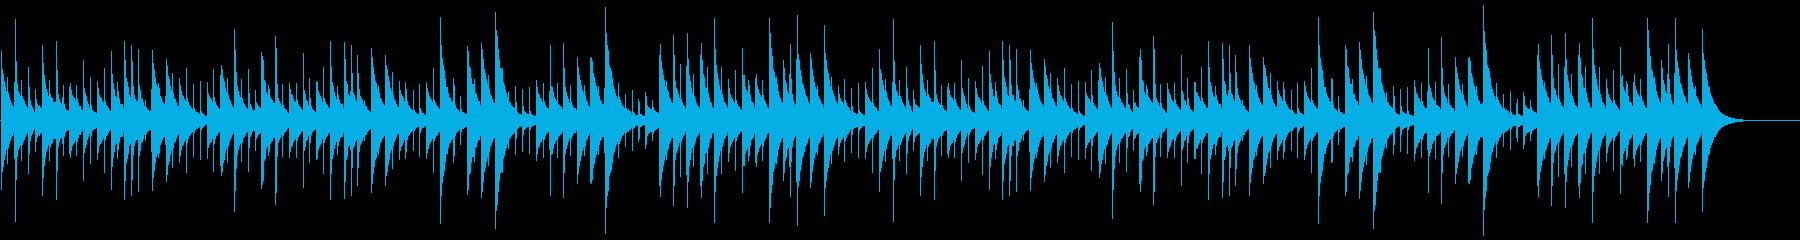 フランスのXmasキャロル【オルゴール】の再生済みの波形